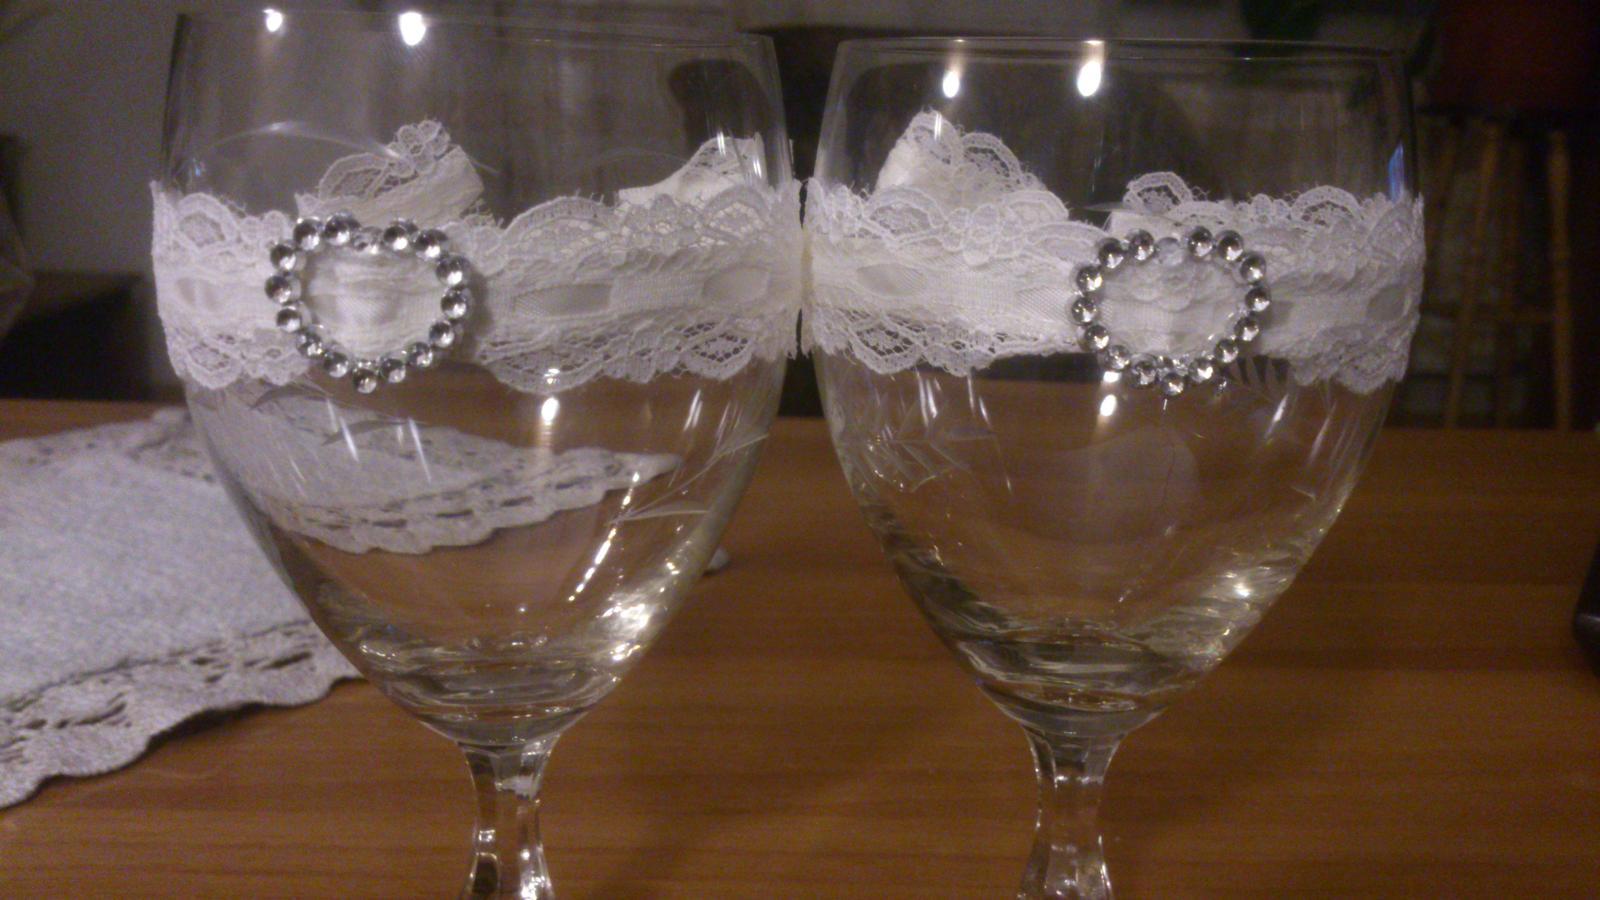 Prípravy:) - darovane 30 rocne pohare, este zo svadby mojich buducich svokrovcov:) len som ich dozdobila cipkou...